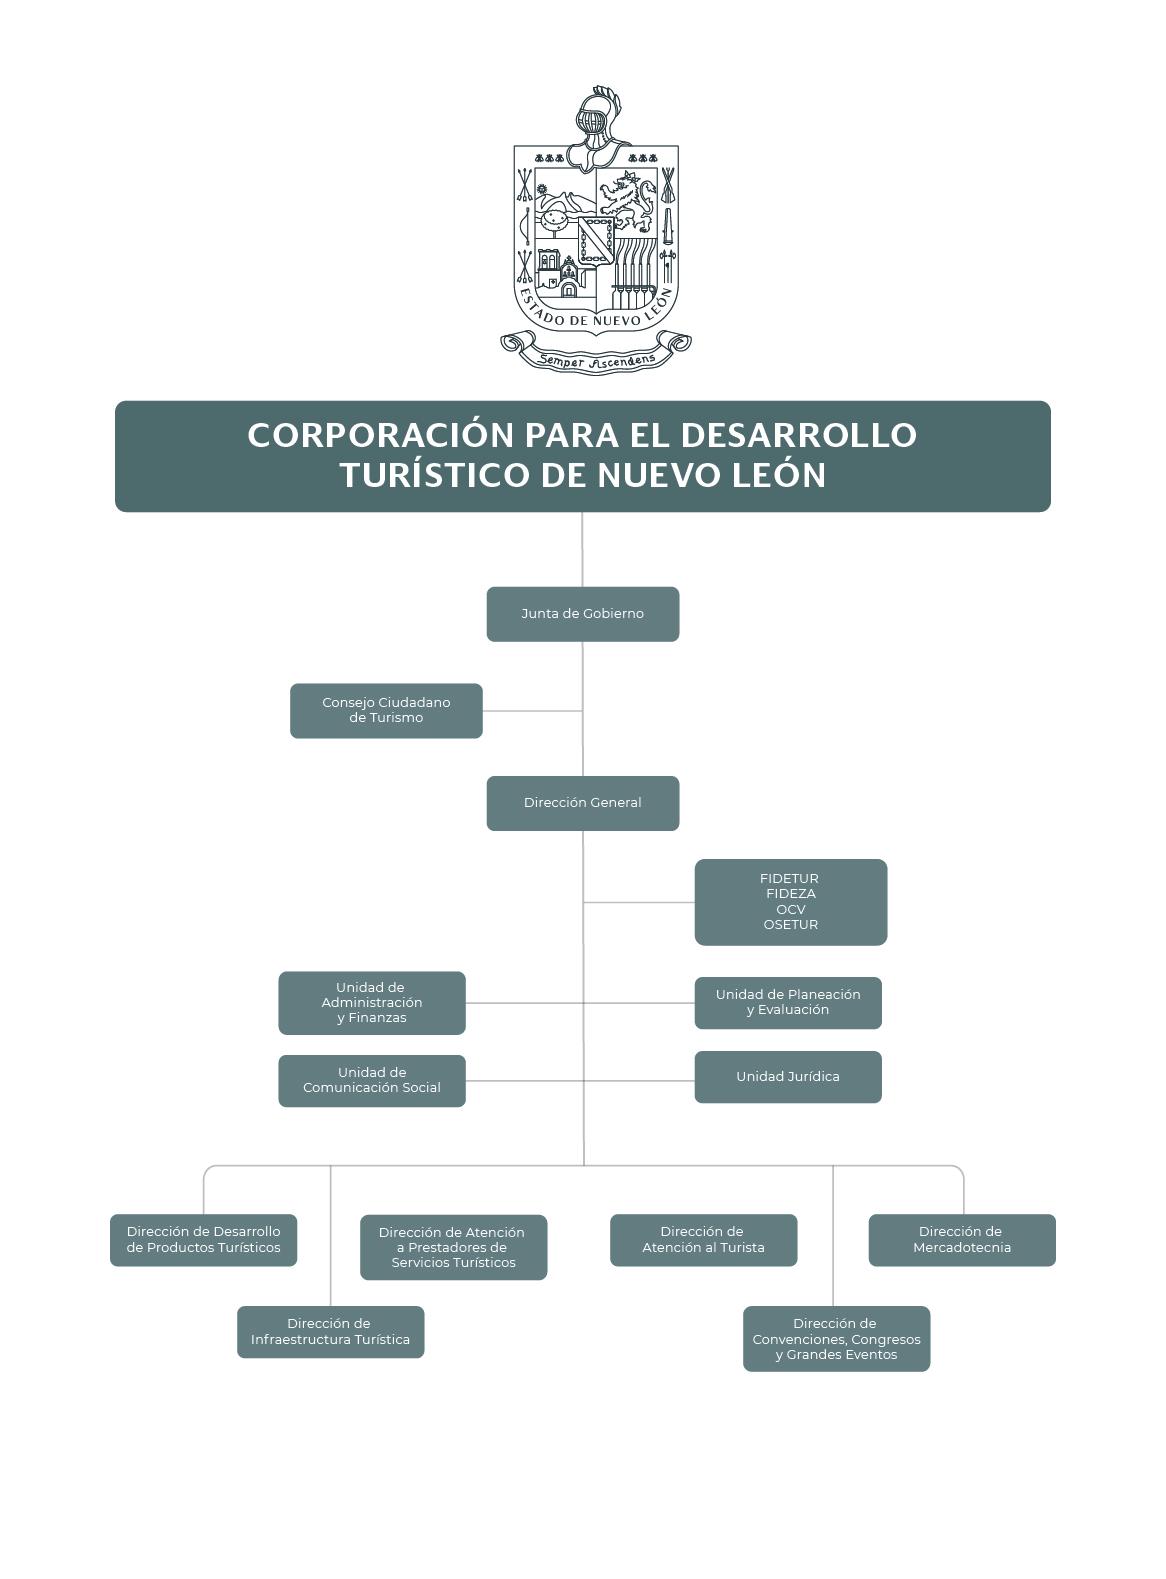 Organigrama de la Corporación para el Desarrollo Turístico de Nuevo León